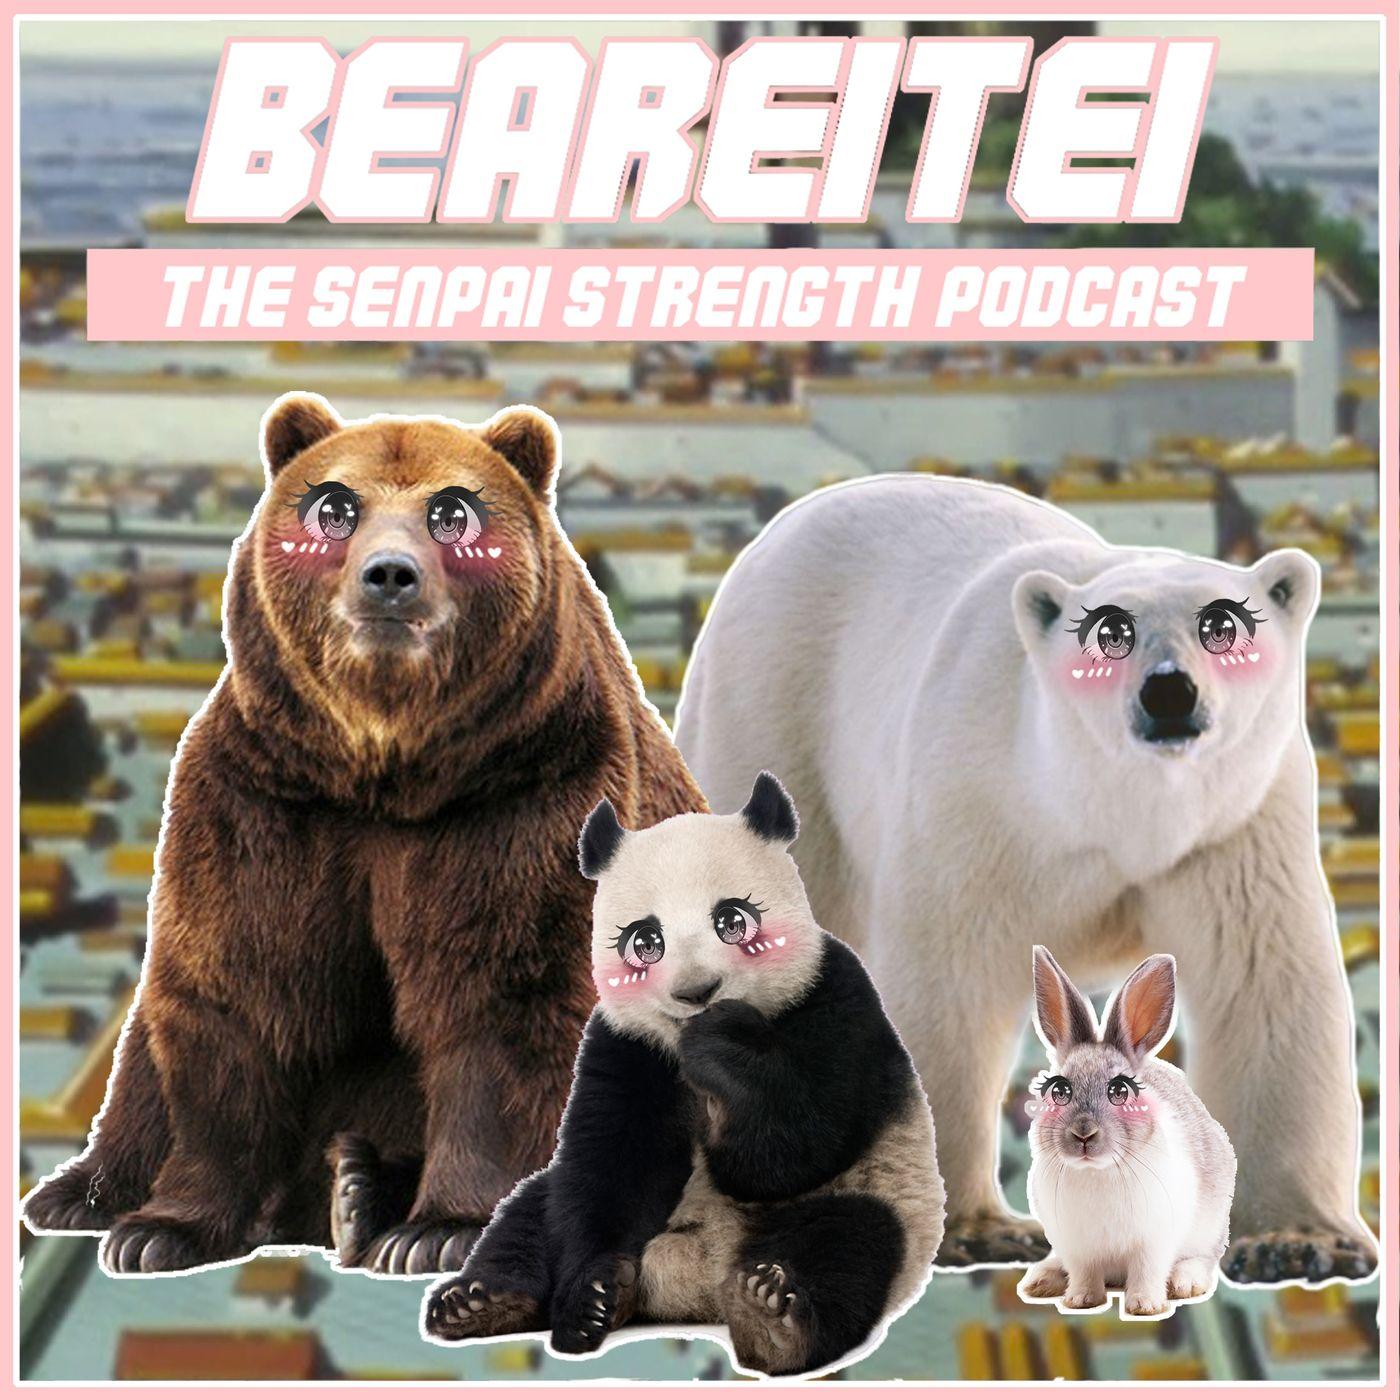 BEAREITEI 12: WE BEAR BEERS & NSFW